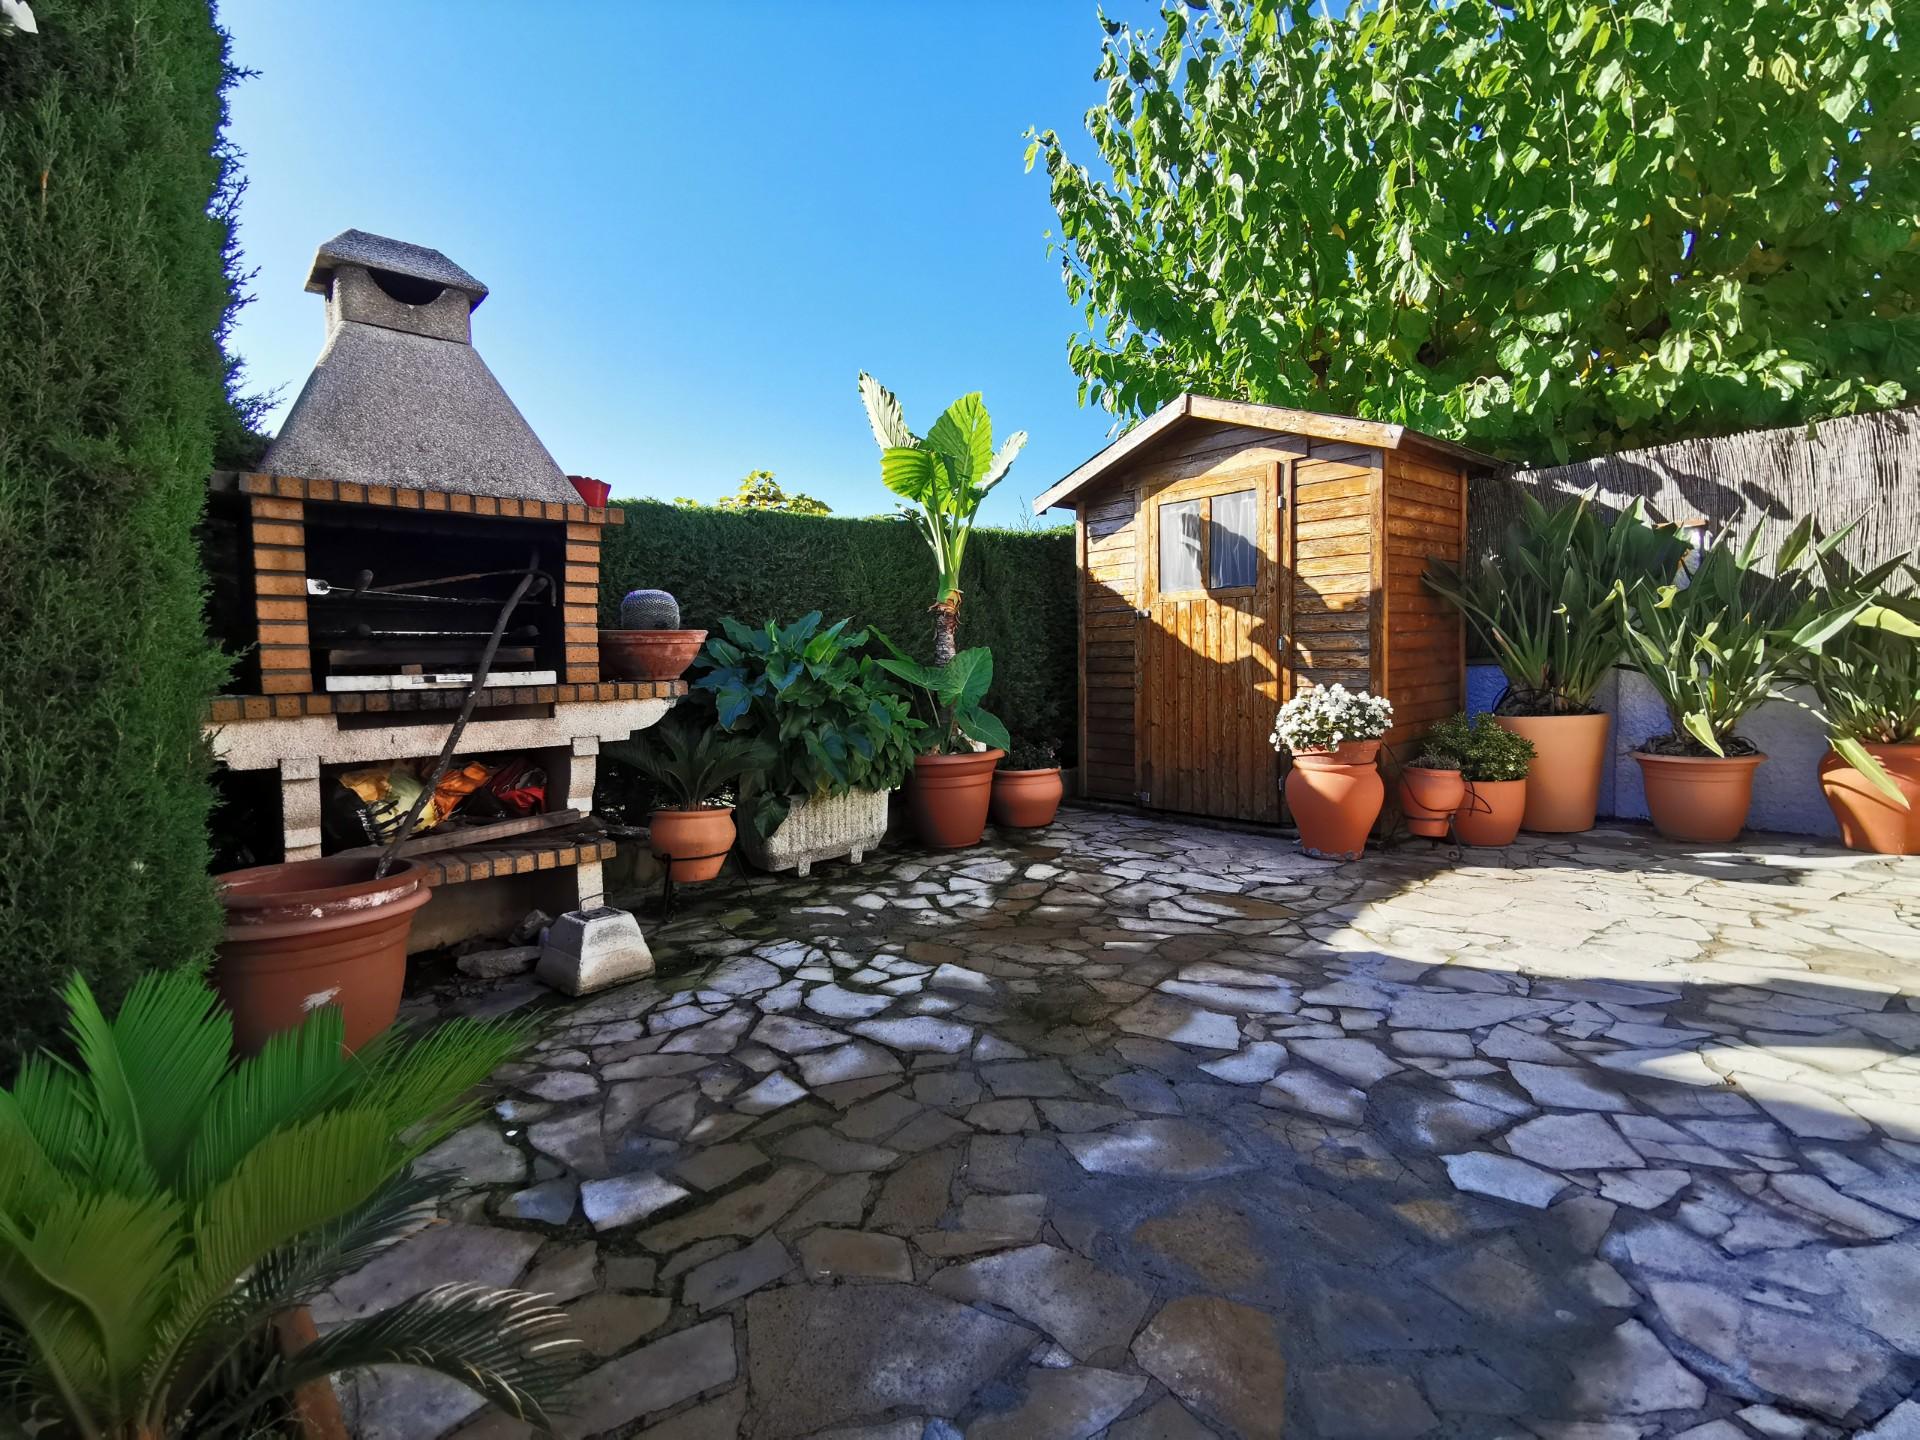 jardín con barbacoa